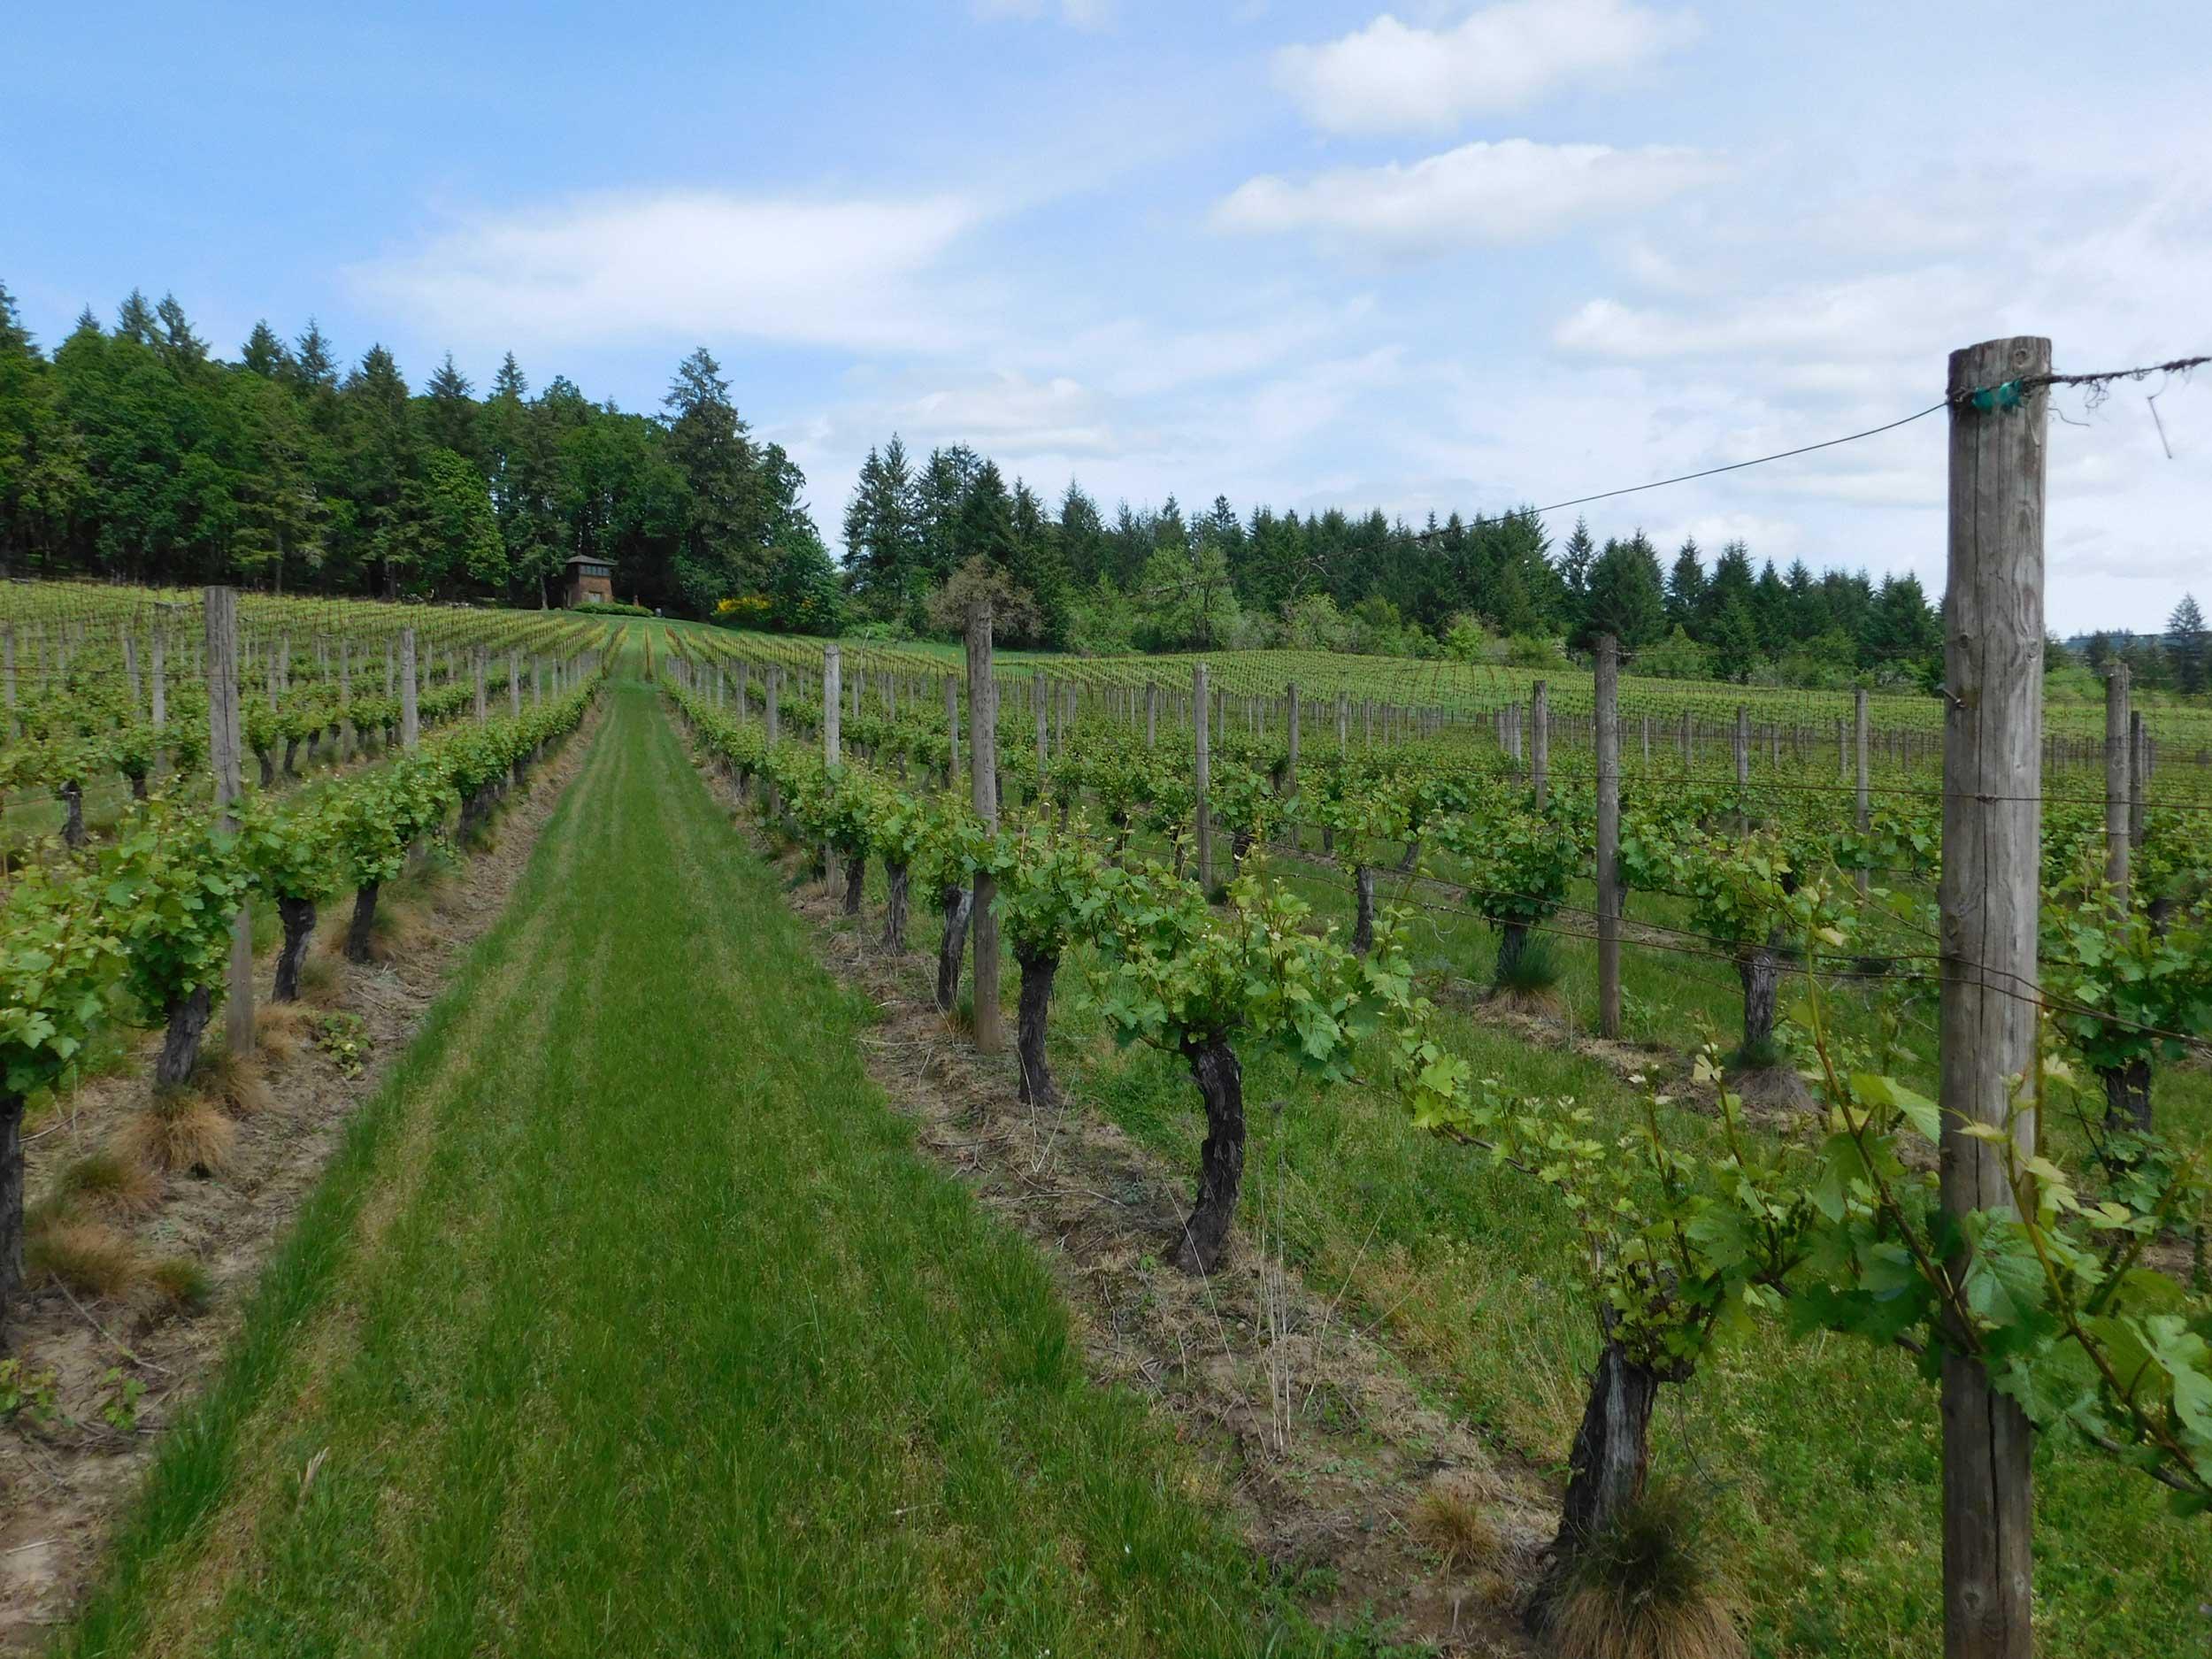 Boutique Oregon Pinot Noir & Chardonnay